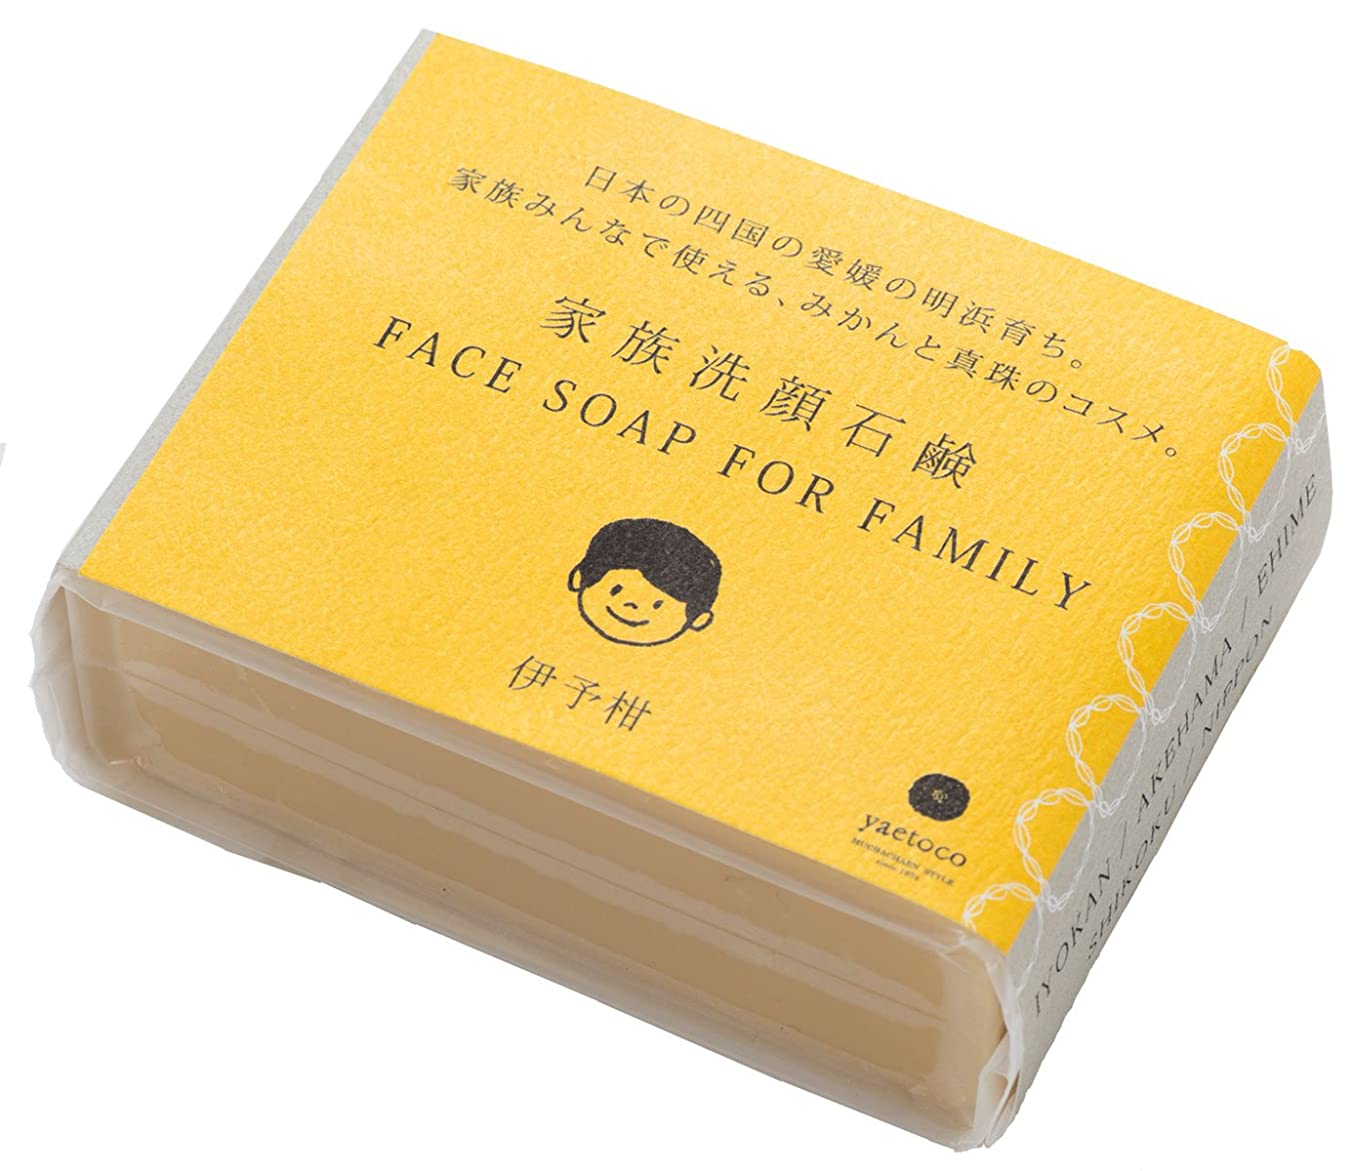 バナナレビュー関数yaetoco家族洗顔石鹸